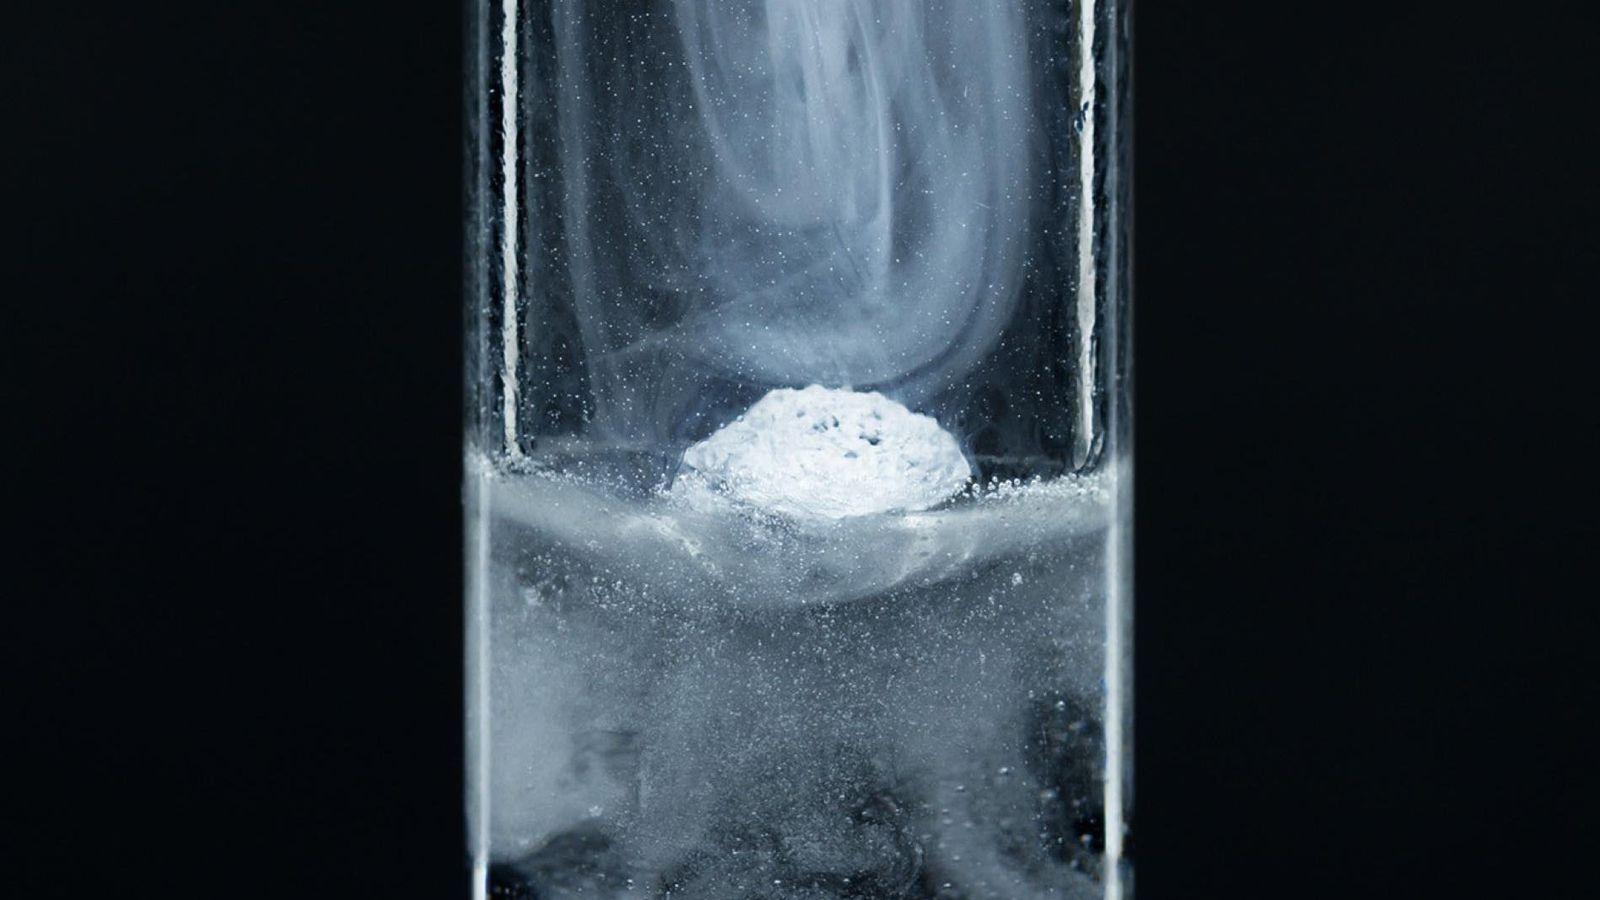 pequena partícula de potássio metálico num tubo de ensaio com água